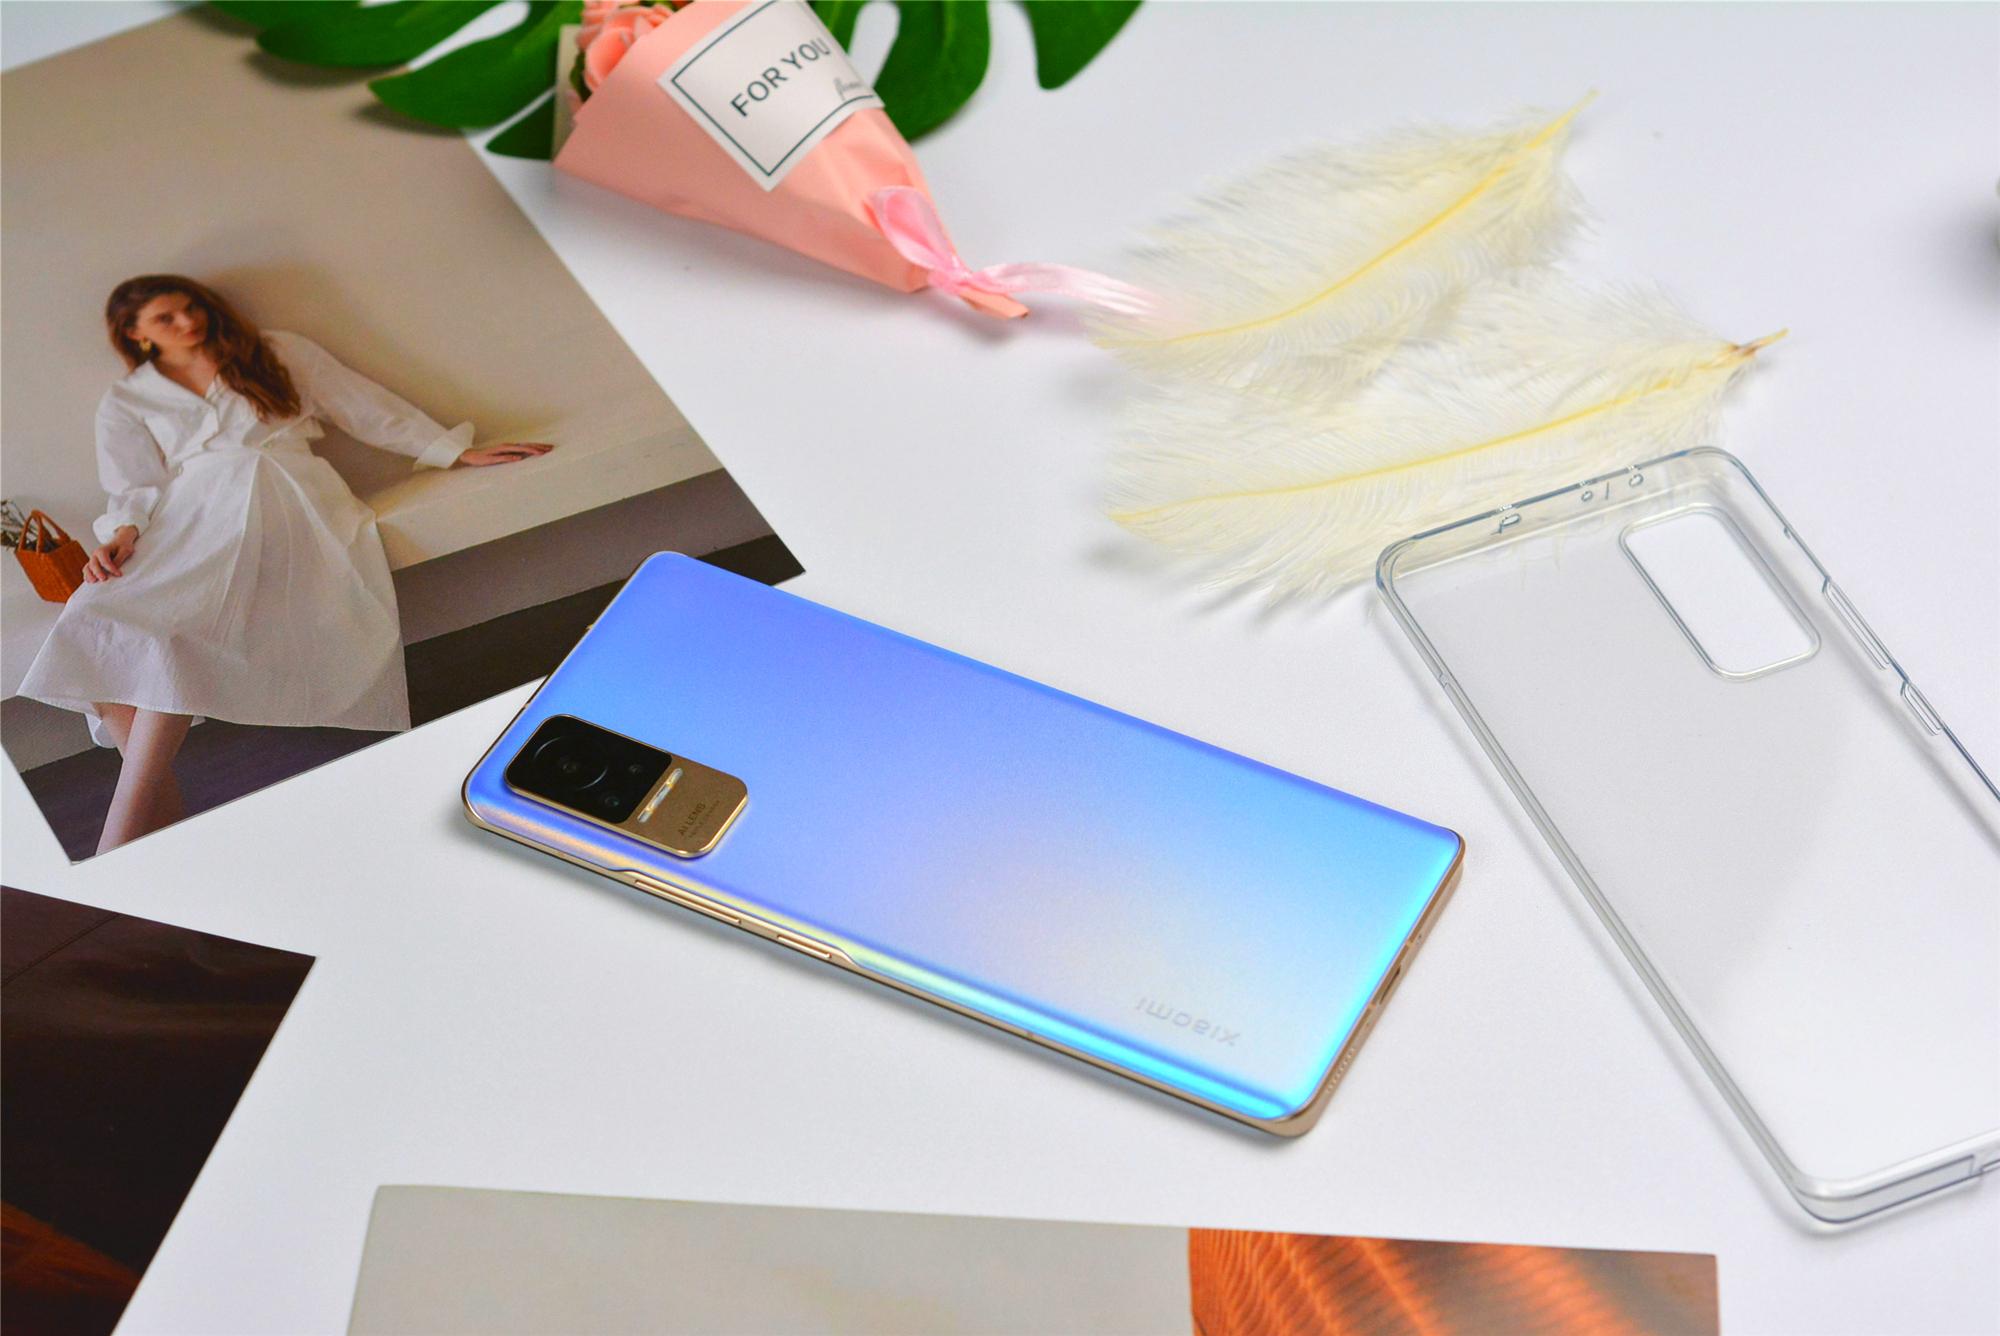 高颜值轻薄手机盘点:小米Civi、魅族18X、iQOO Z5,谁最值得买?